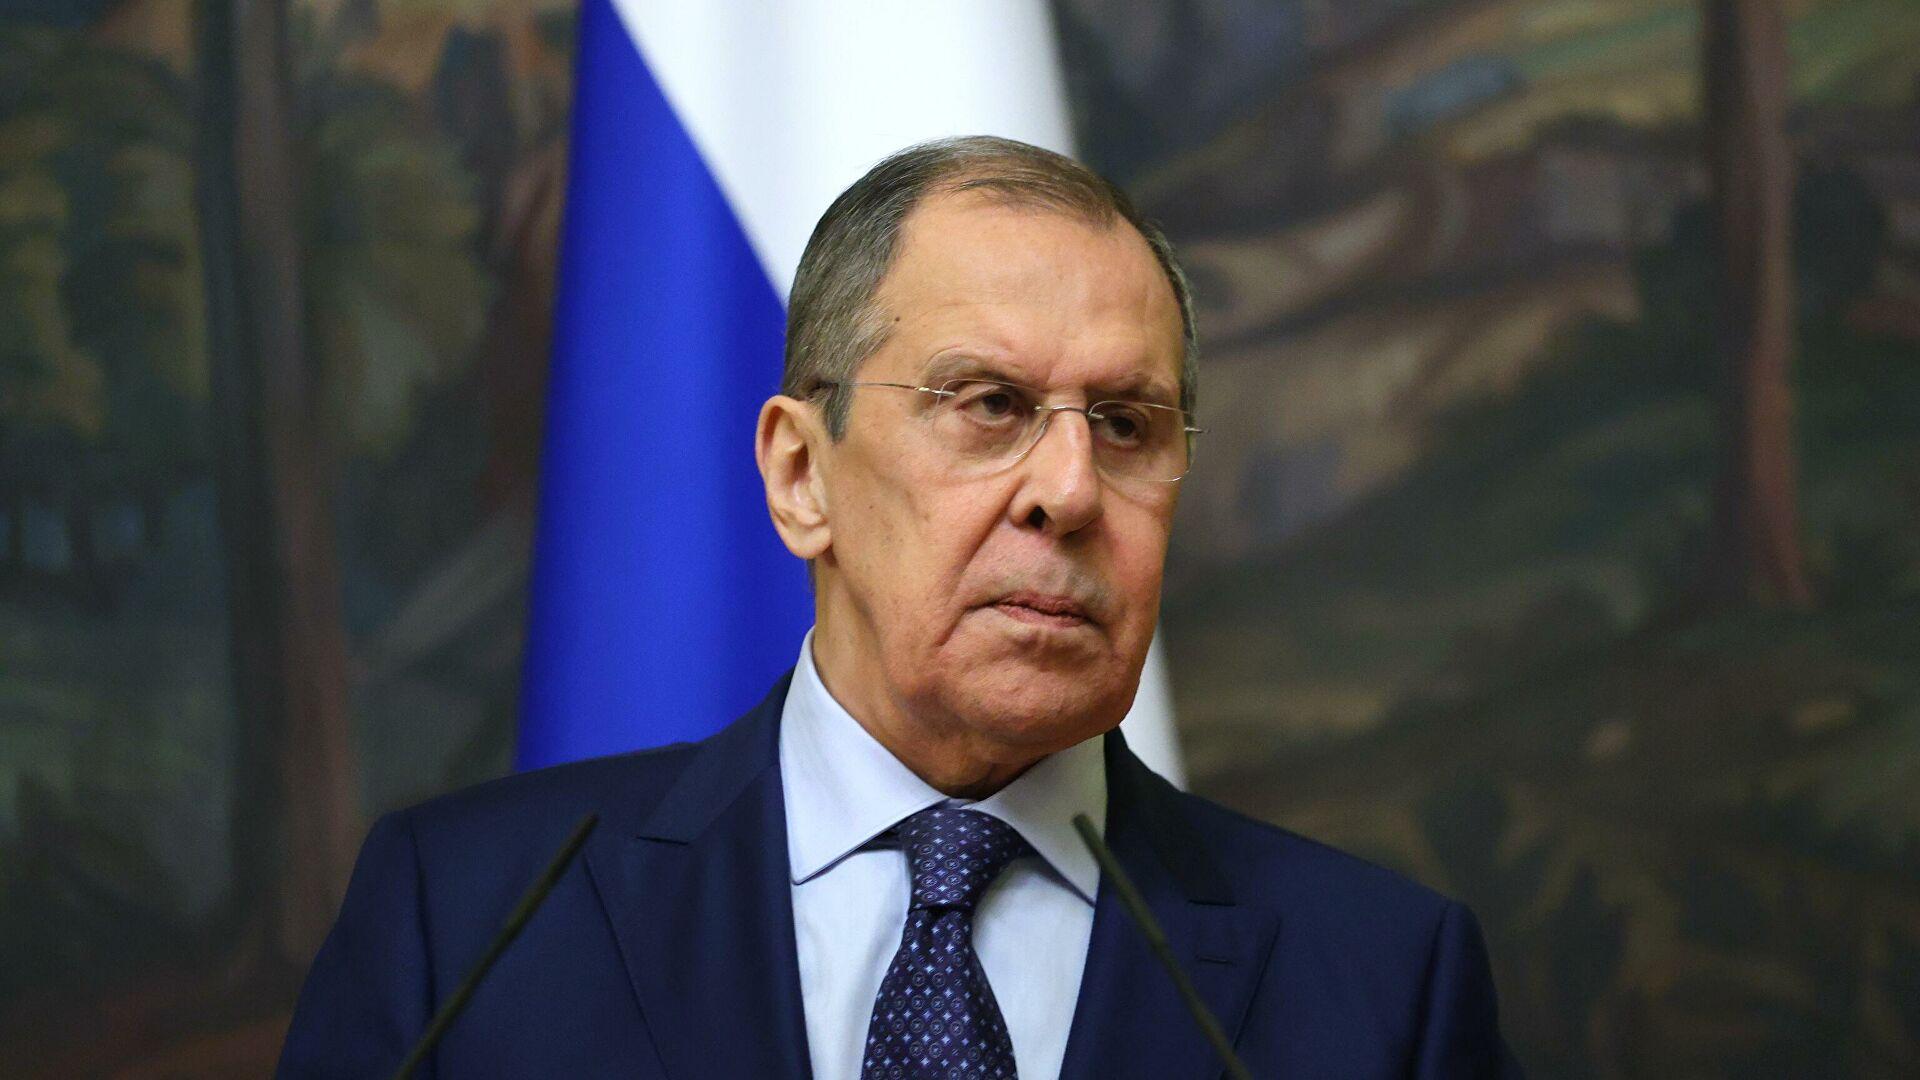 Лавров: Подстицање антируских расположења не одговара циљевима стабилизације ситуације у Европи